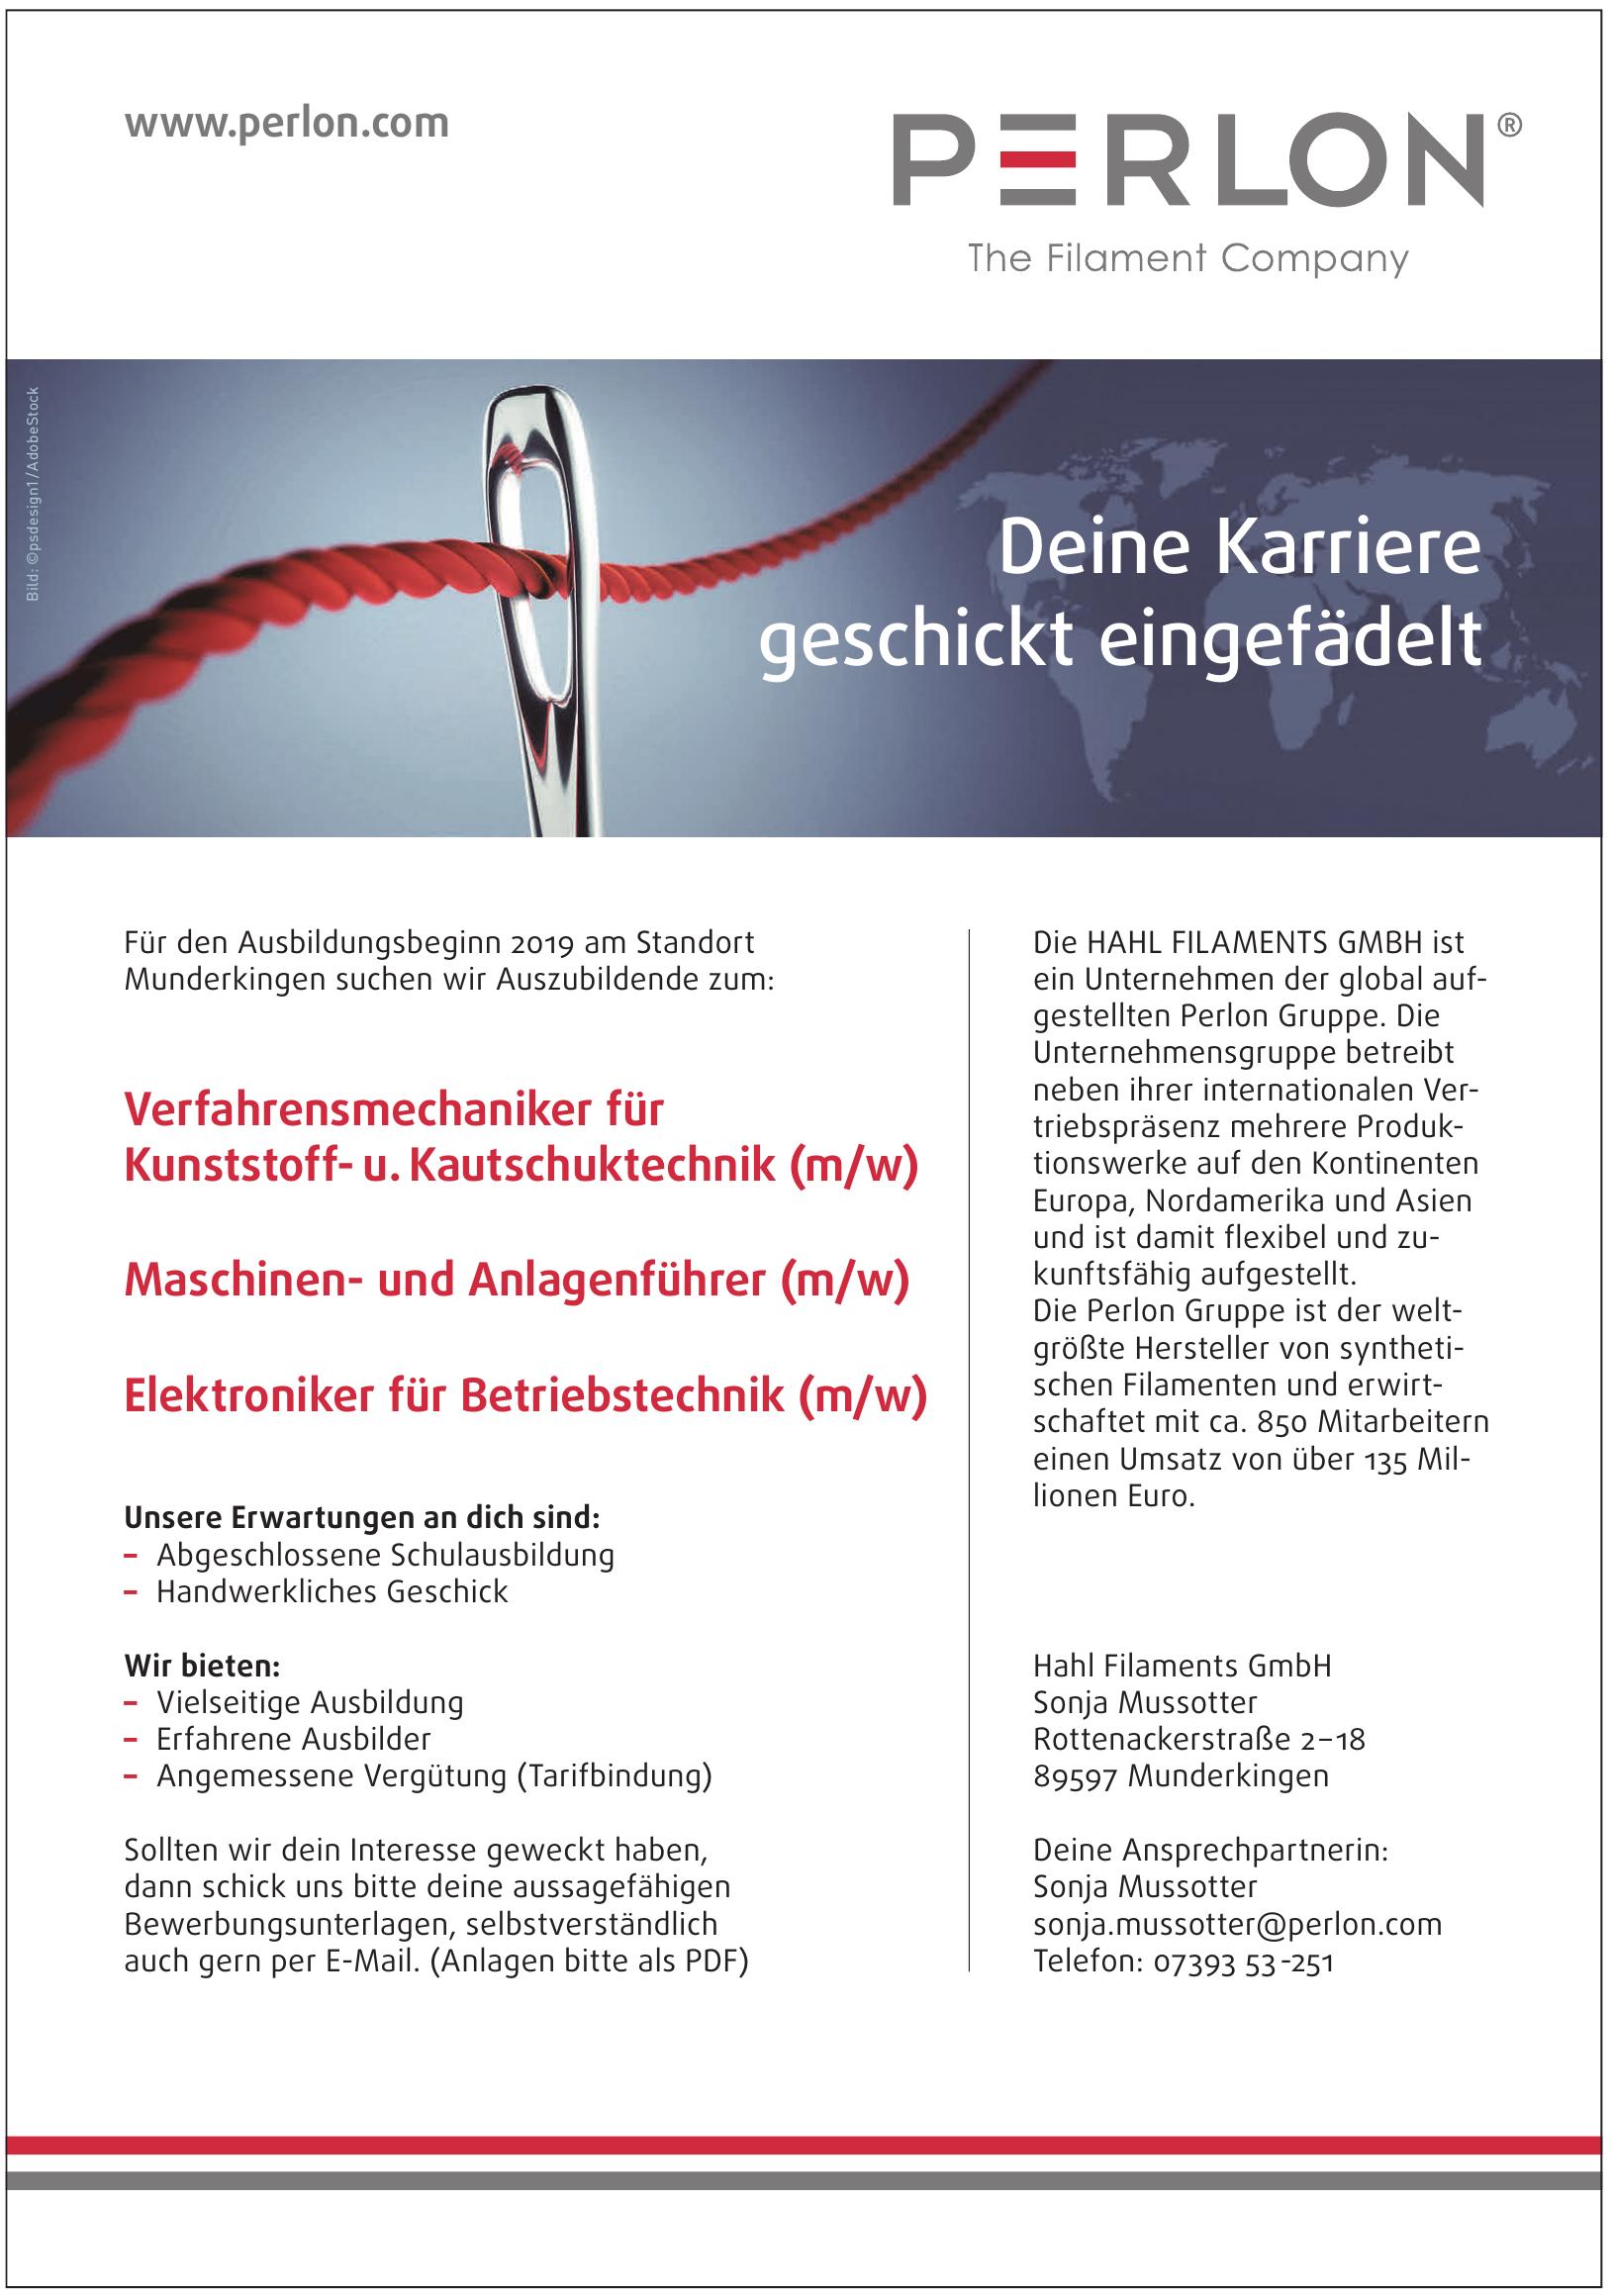 Hahl Filaments GmbH